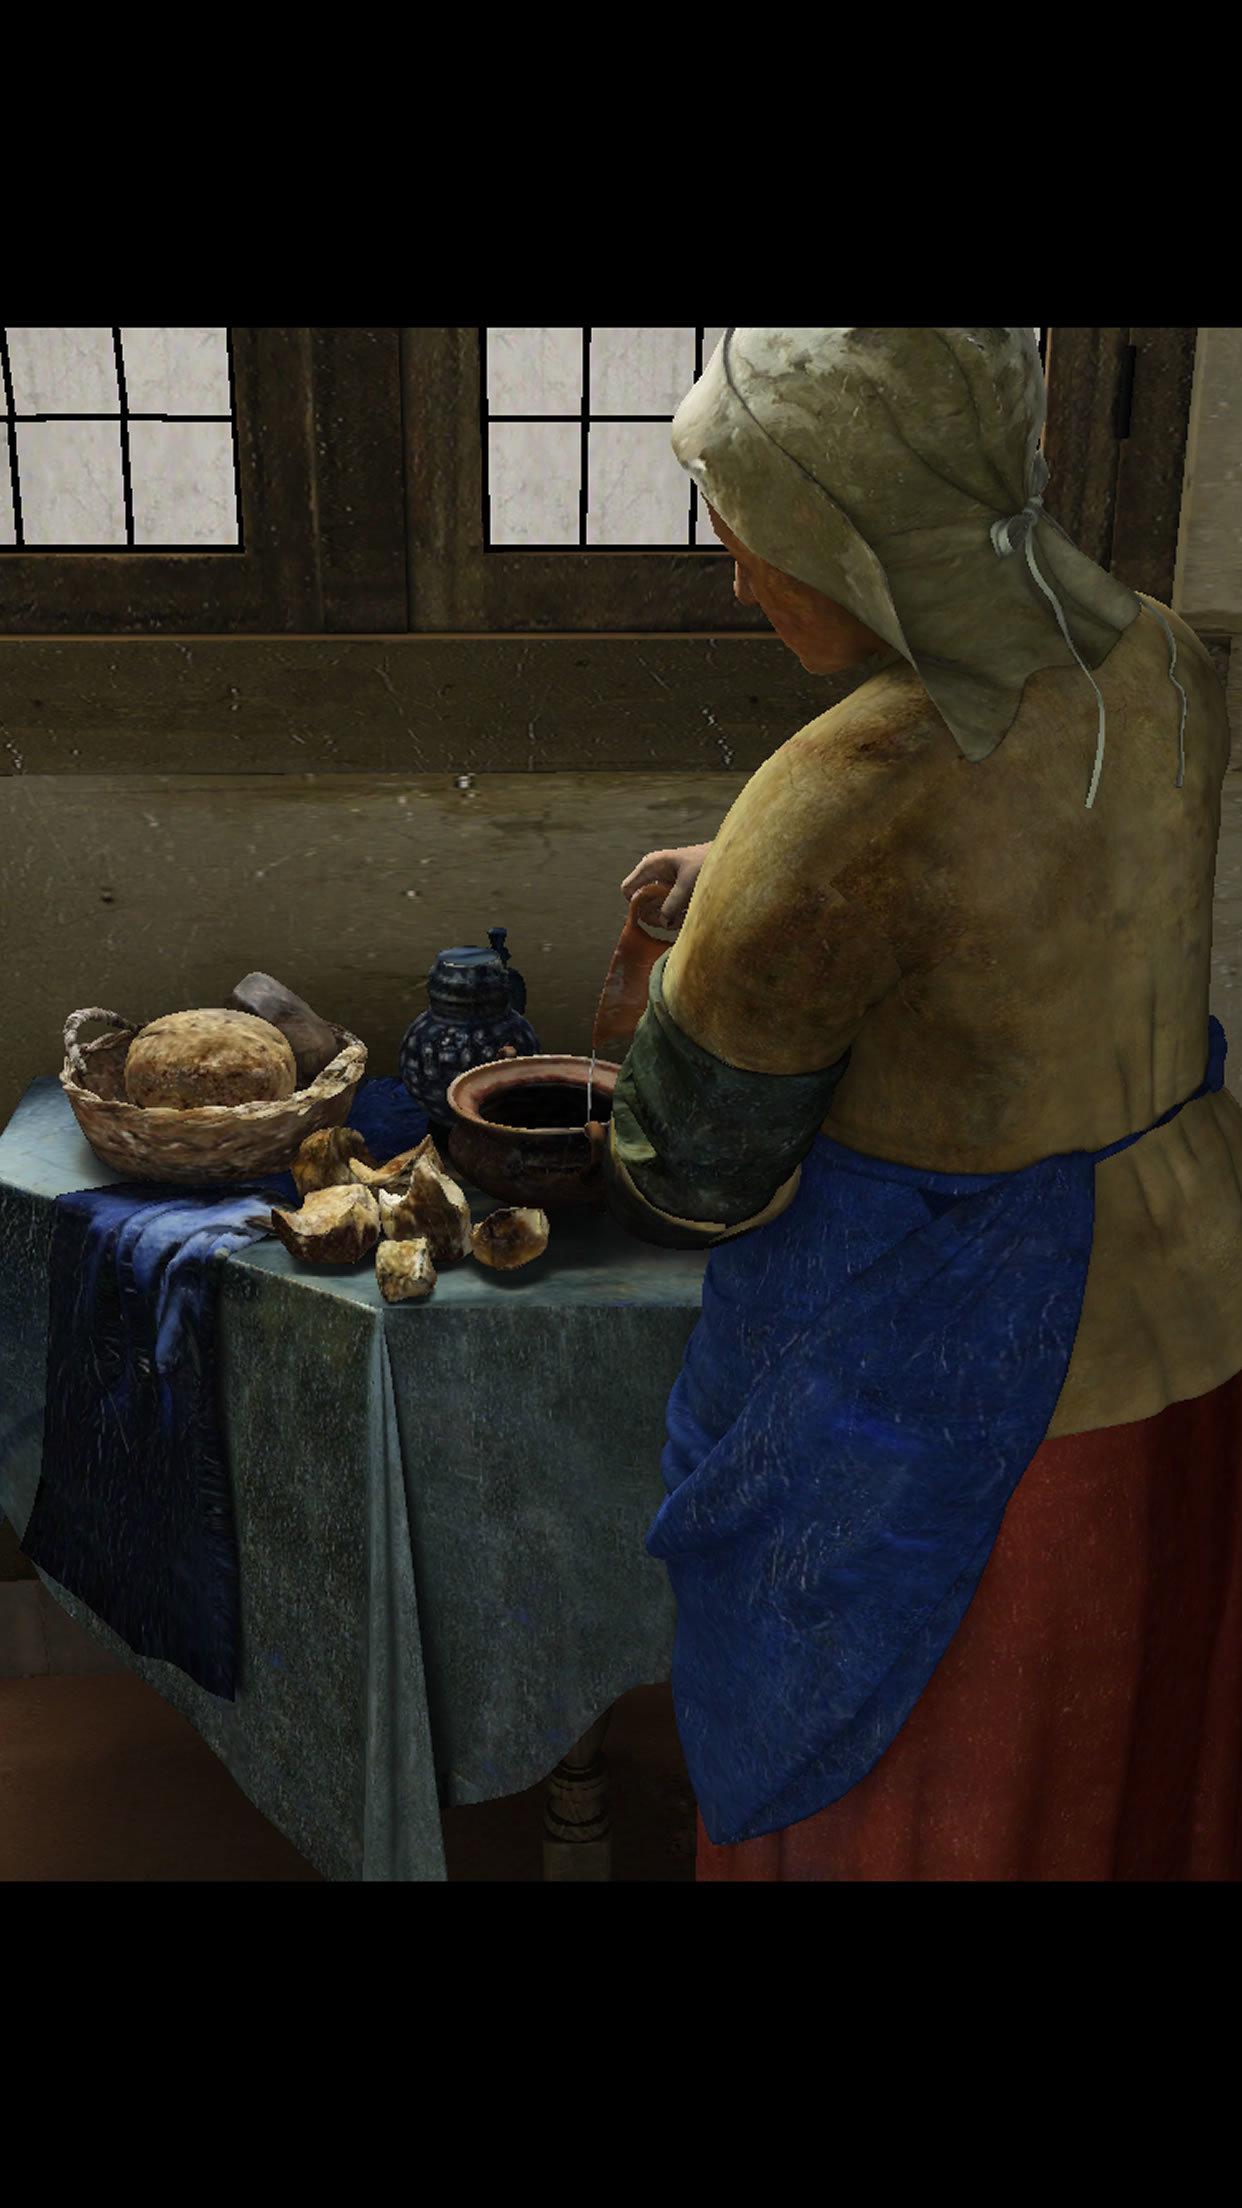 以上3点  『ViewPaint フェルメール《牛乳を注ぐ女》』より 製作・著作:凸版印刷株式会社 / 監修:小林頼子(目白大学教授) / Original photo data (Het melkmeisje [The Milkmaid] by Johannes Vermeer):©Rijksmuseum Amsterdam. Purchased with the support of the Vereniging Rembrandt.